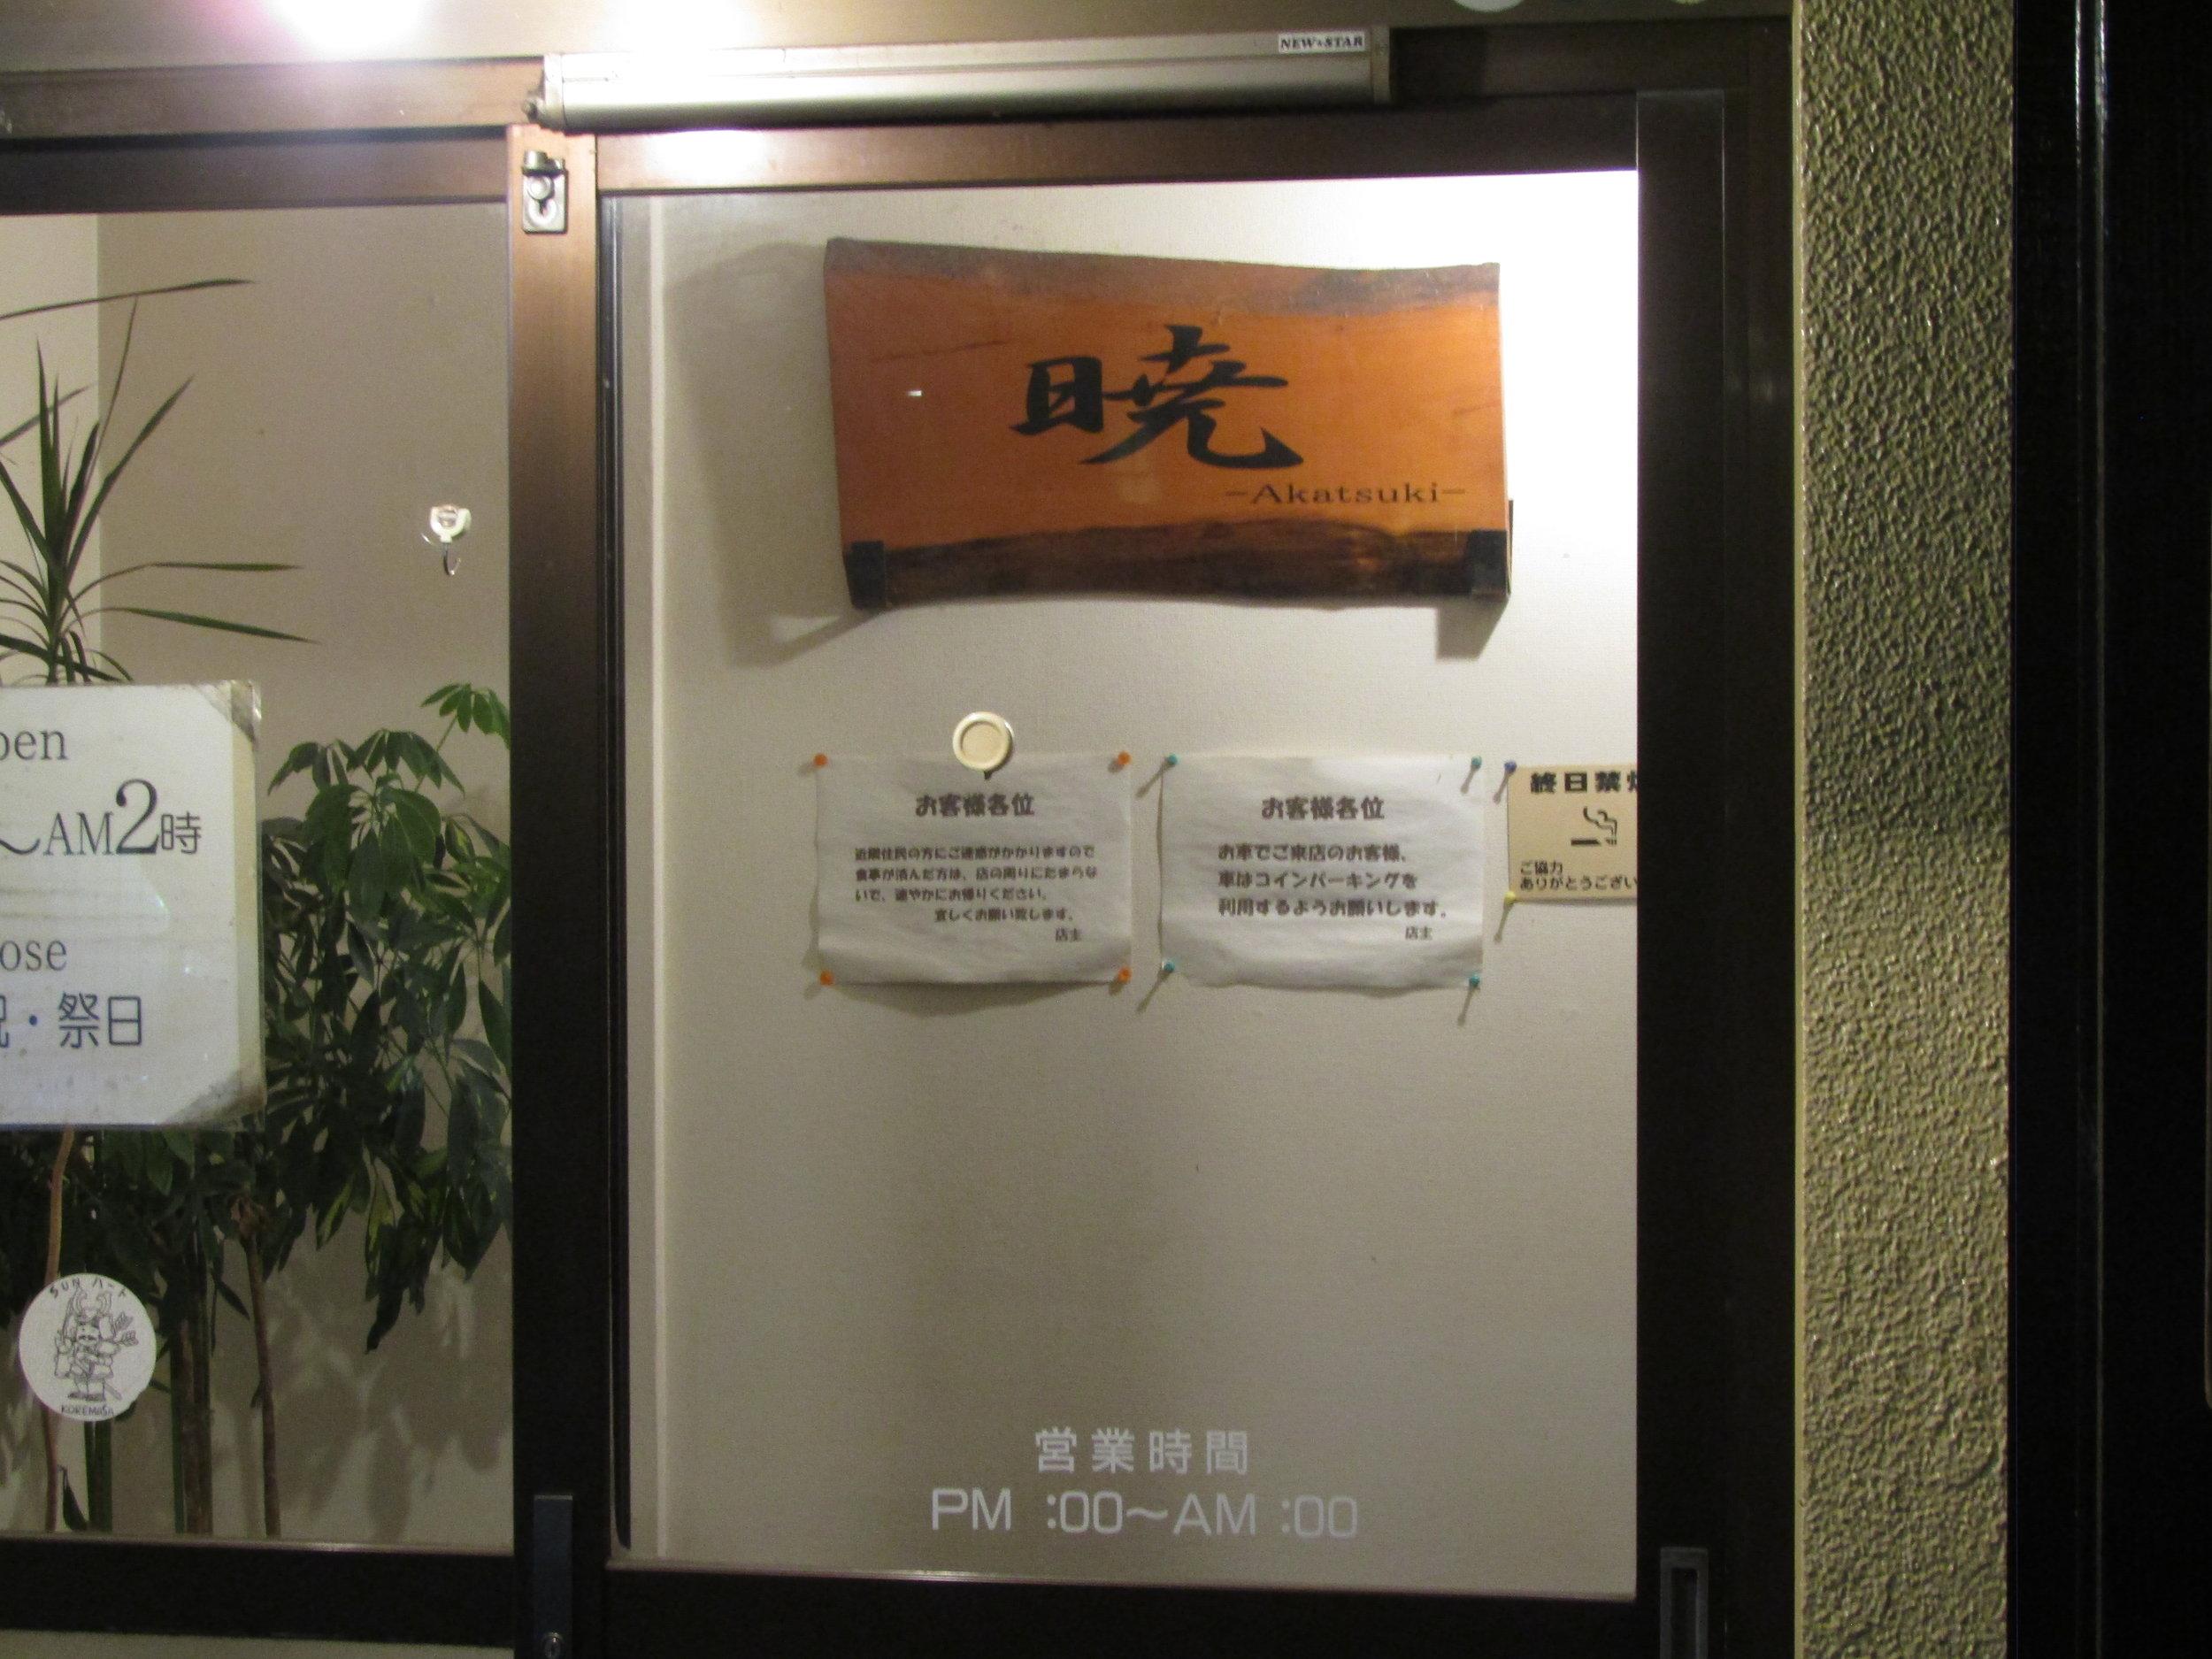 Akatsuki Outside 2.JPG